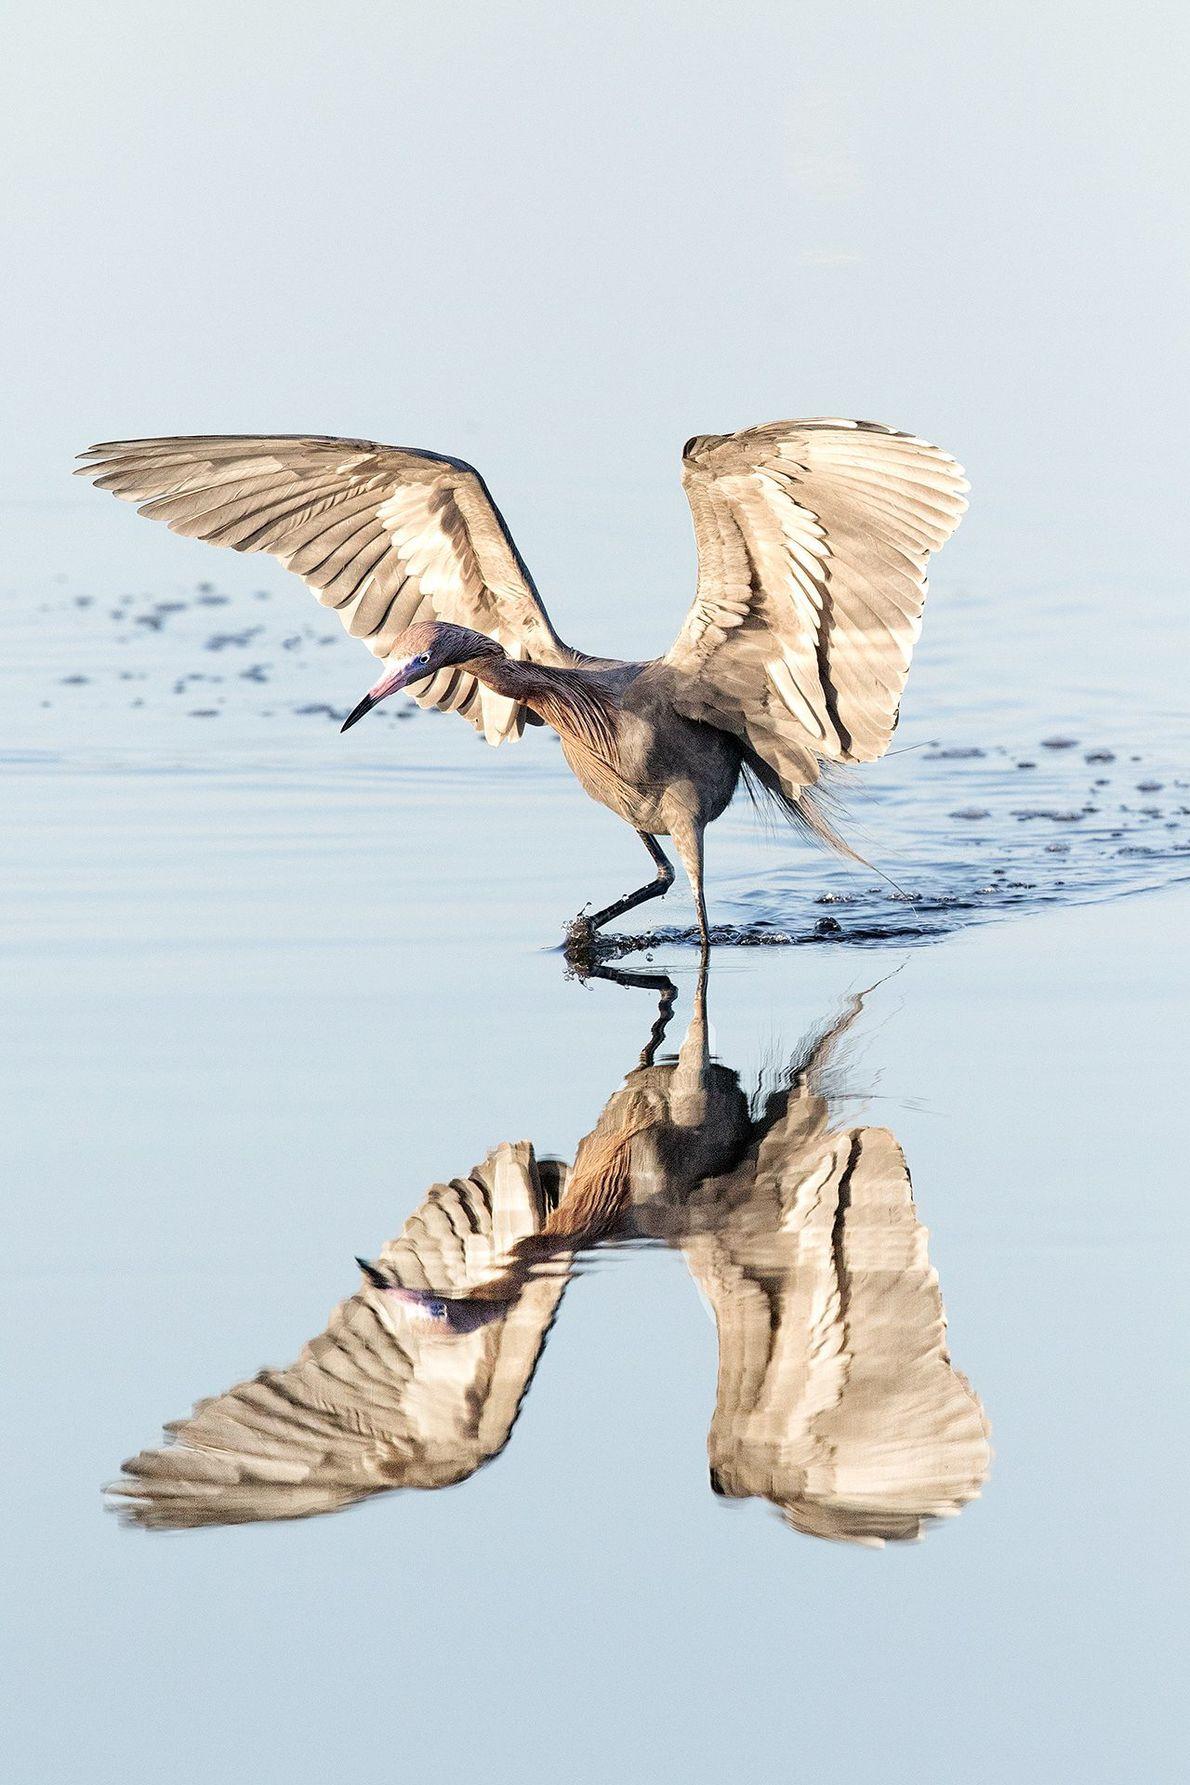 Ein rötlich-golden schimmernder Reiher landet im flachen Sumpfgebiet vor Merrit Island in Florida.